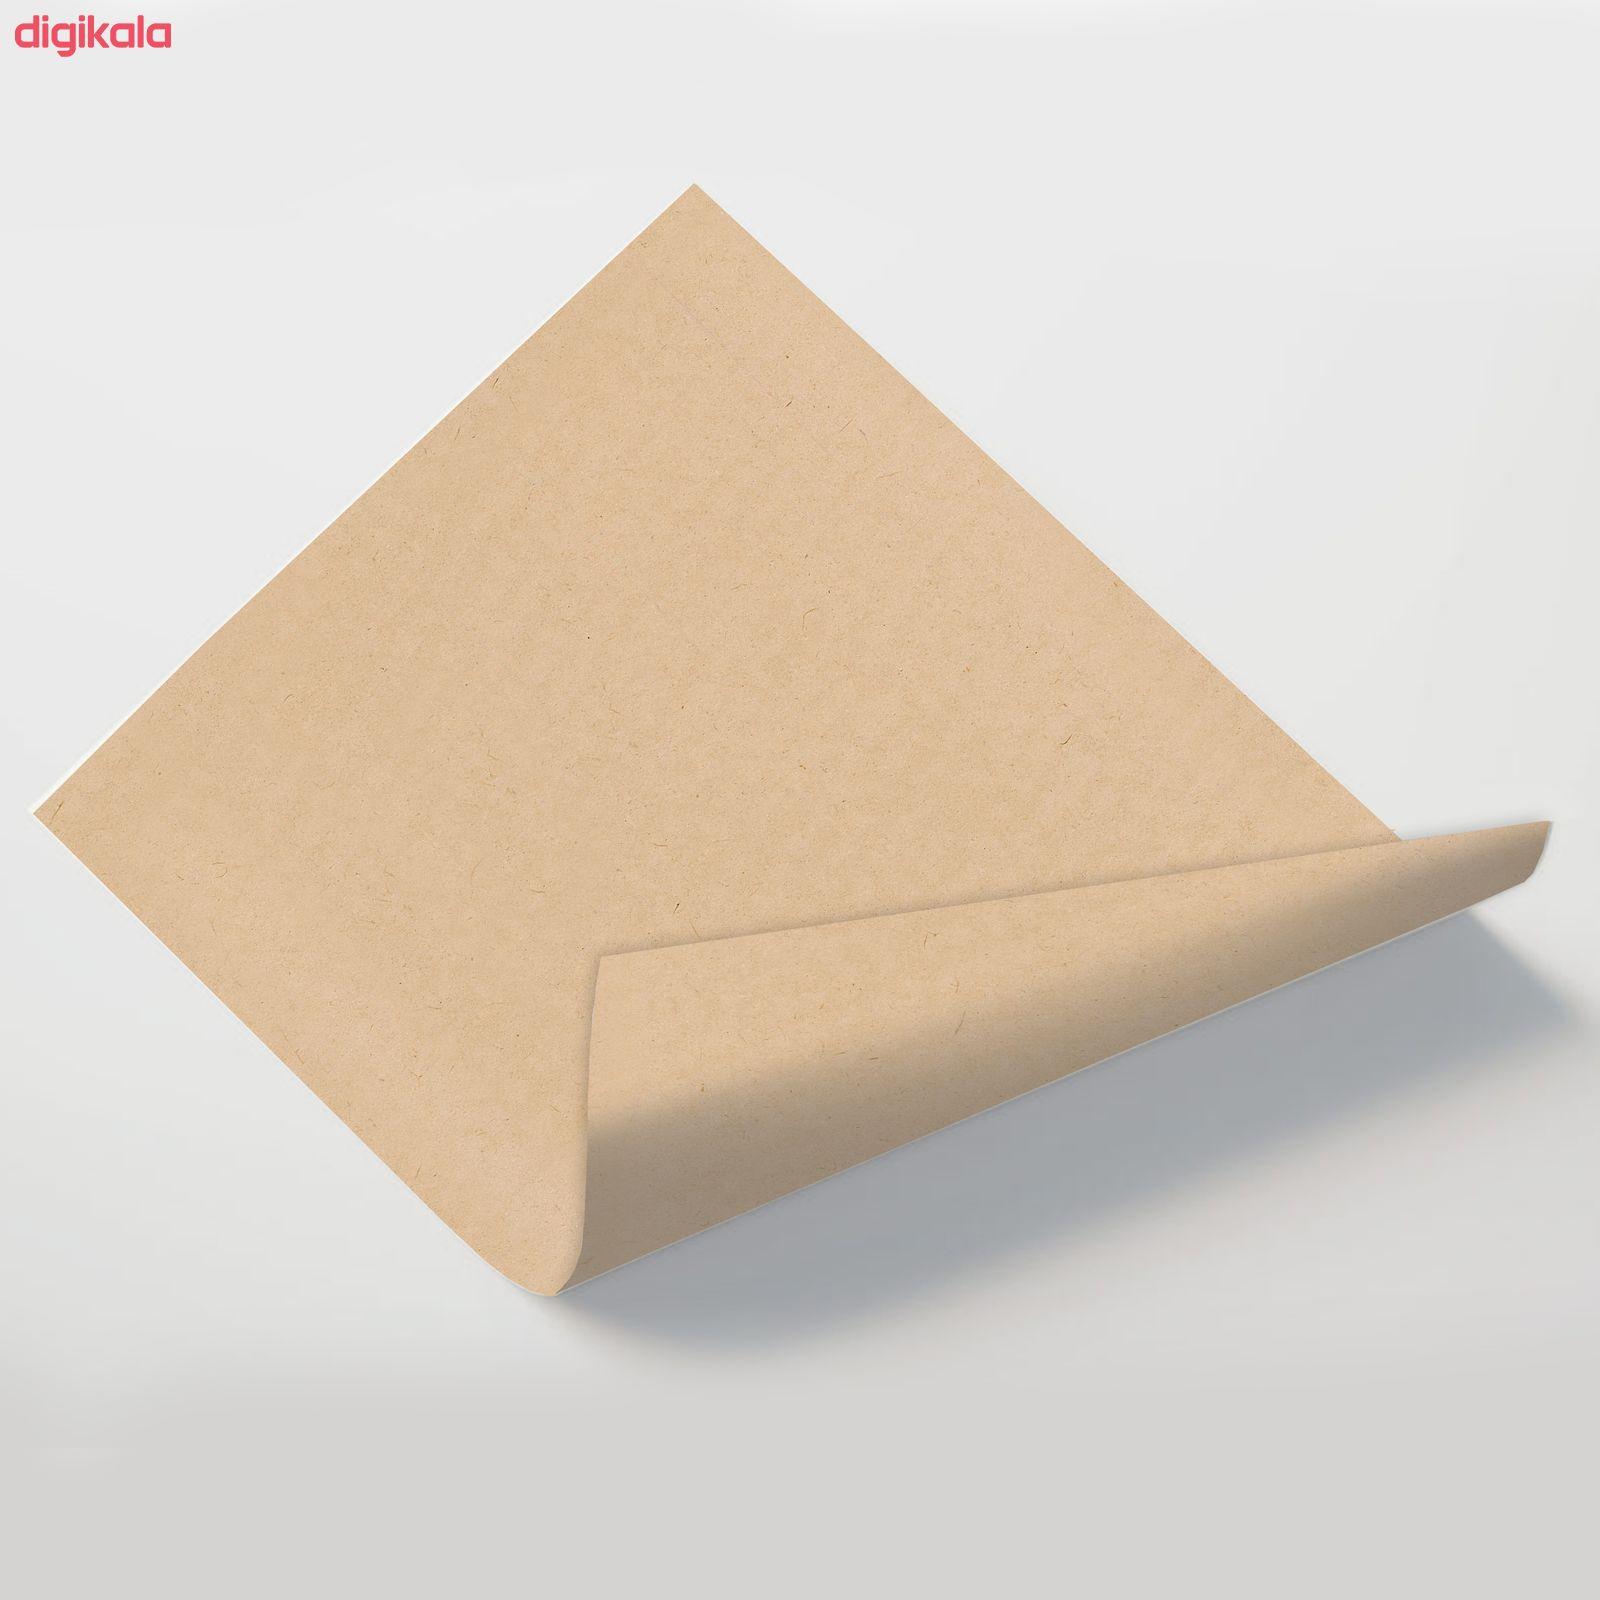 کاغذ کرافت مستر رادکد  1436بسته 50 عددی main 1 19